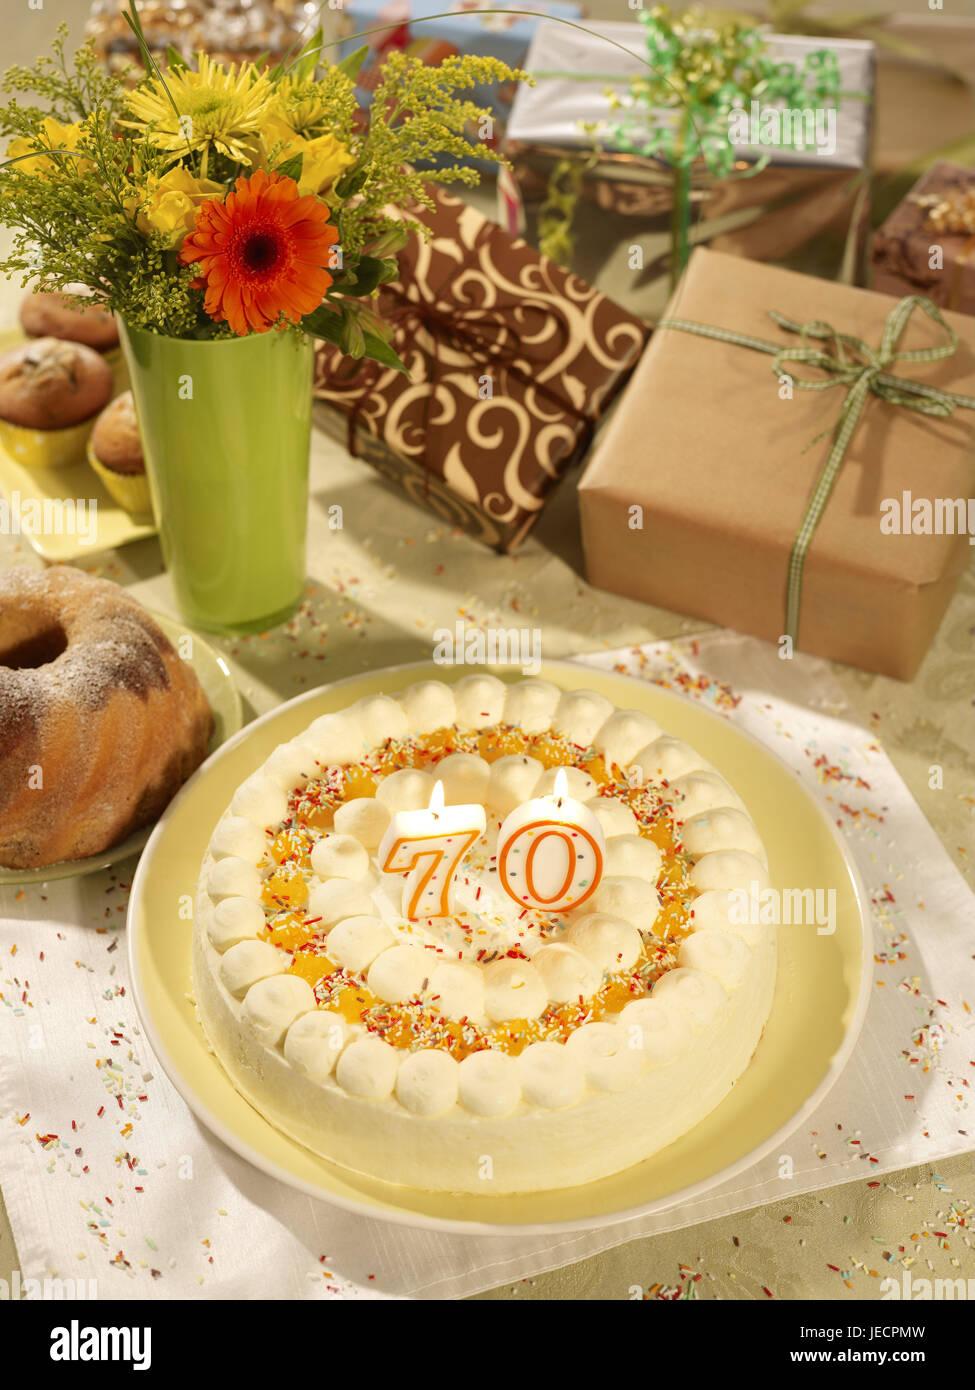 Geburtstagskuchen Skyers 70 Geschenke Blumen Geburtstagskuchen